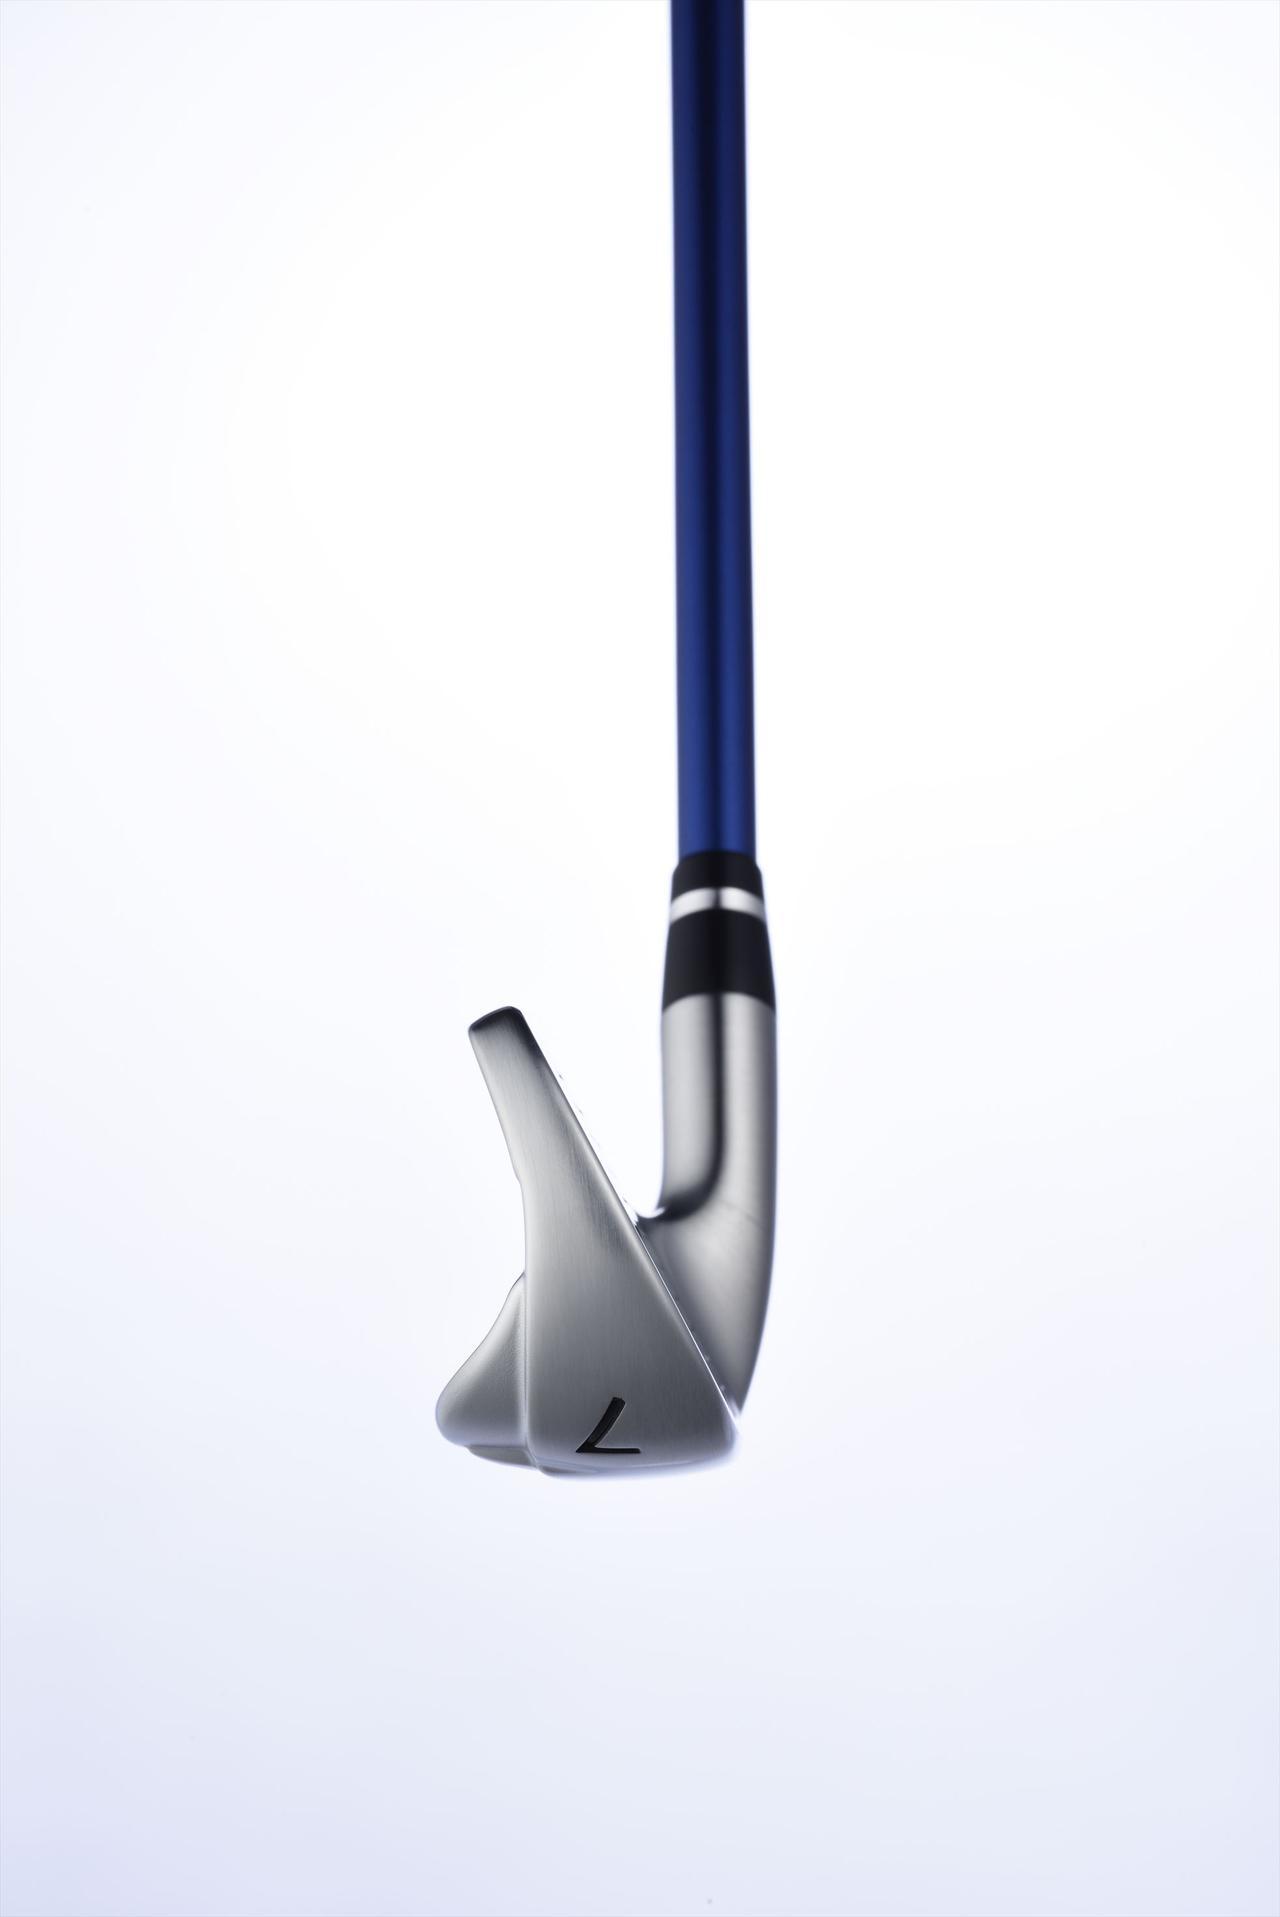 画像: 7番で26度を切る極小ロフトだが、重心設計により弾道の高さも確保